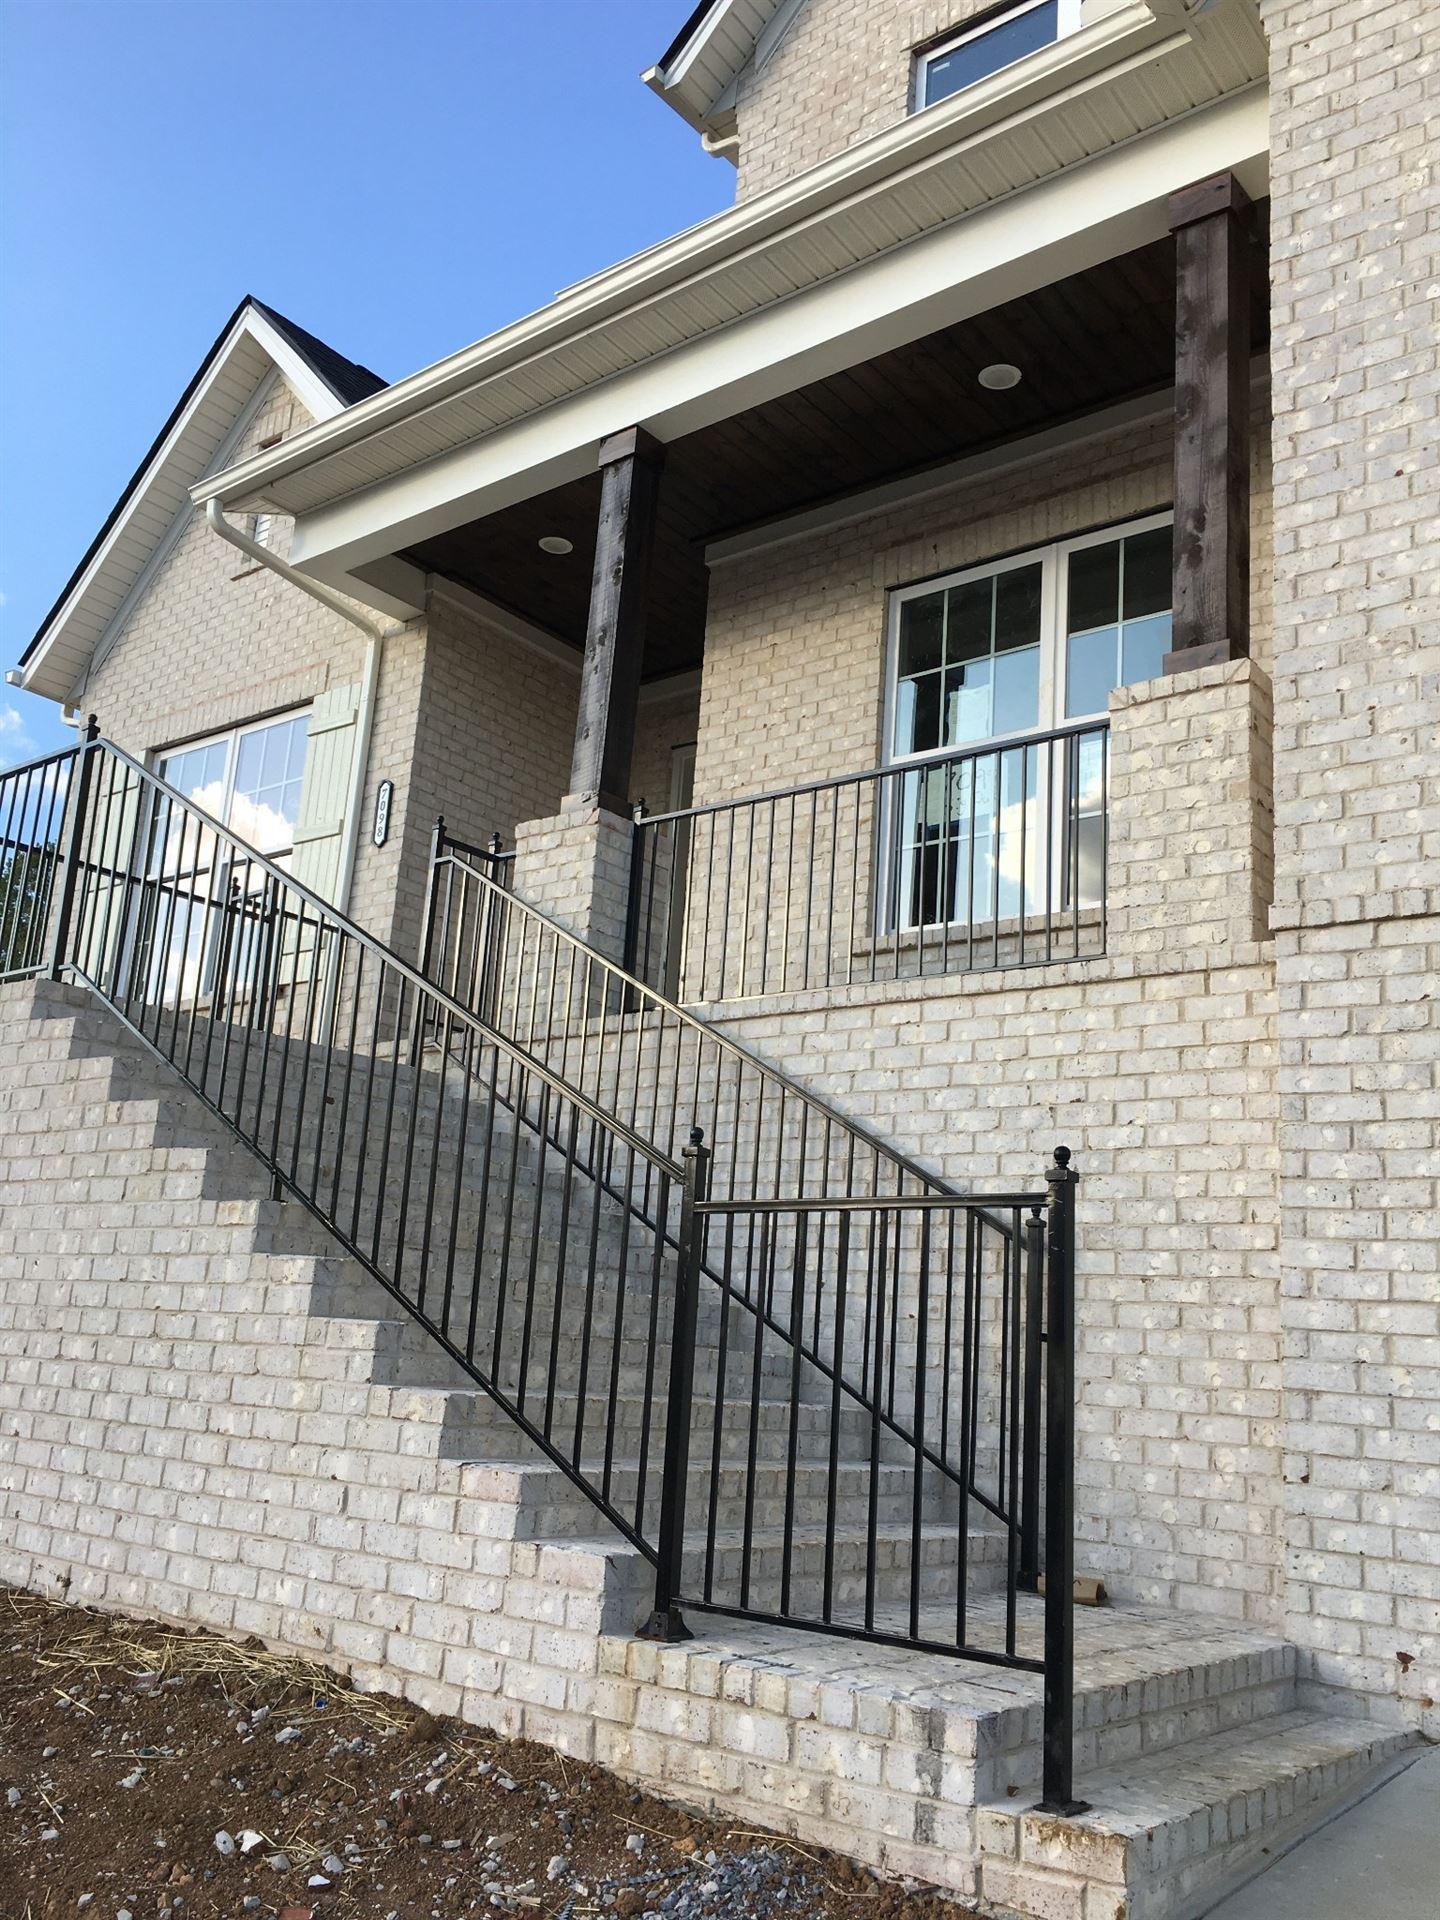 Photo of 7098 Big Oak Lane - Lot 119, Nolensville, TN 37135 (MLS # 2209465)